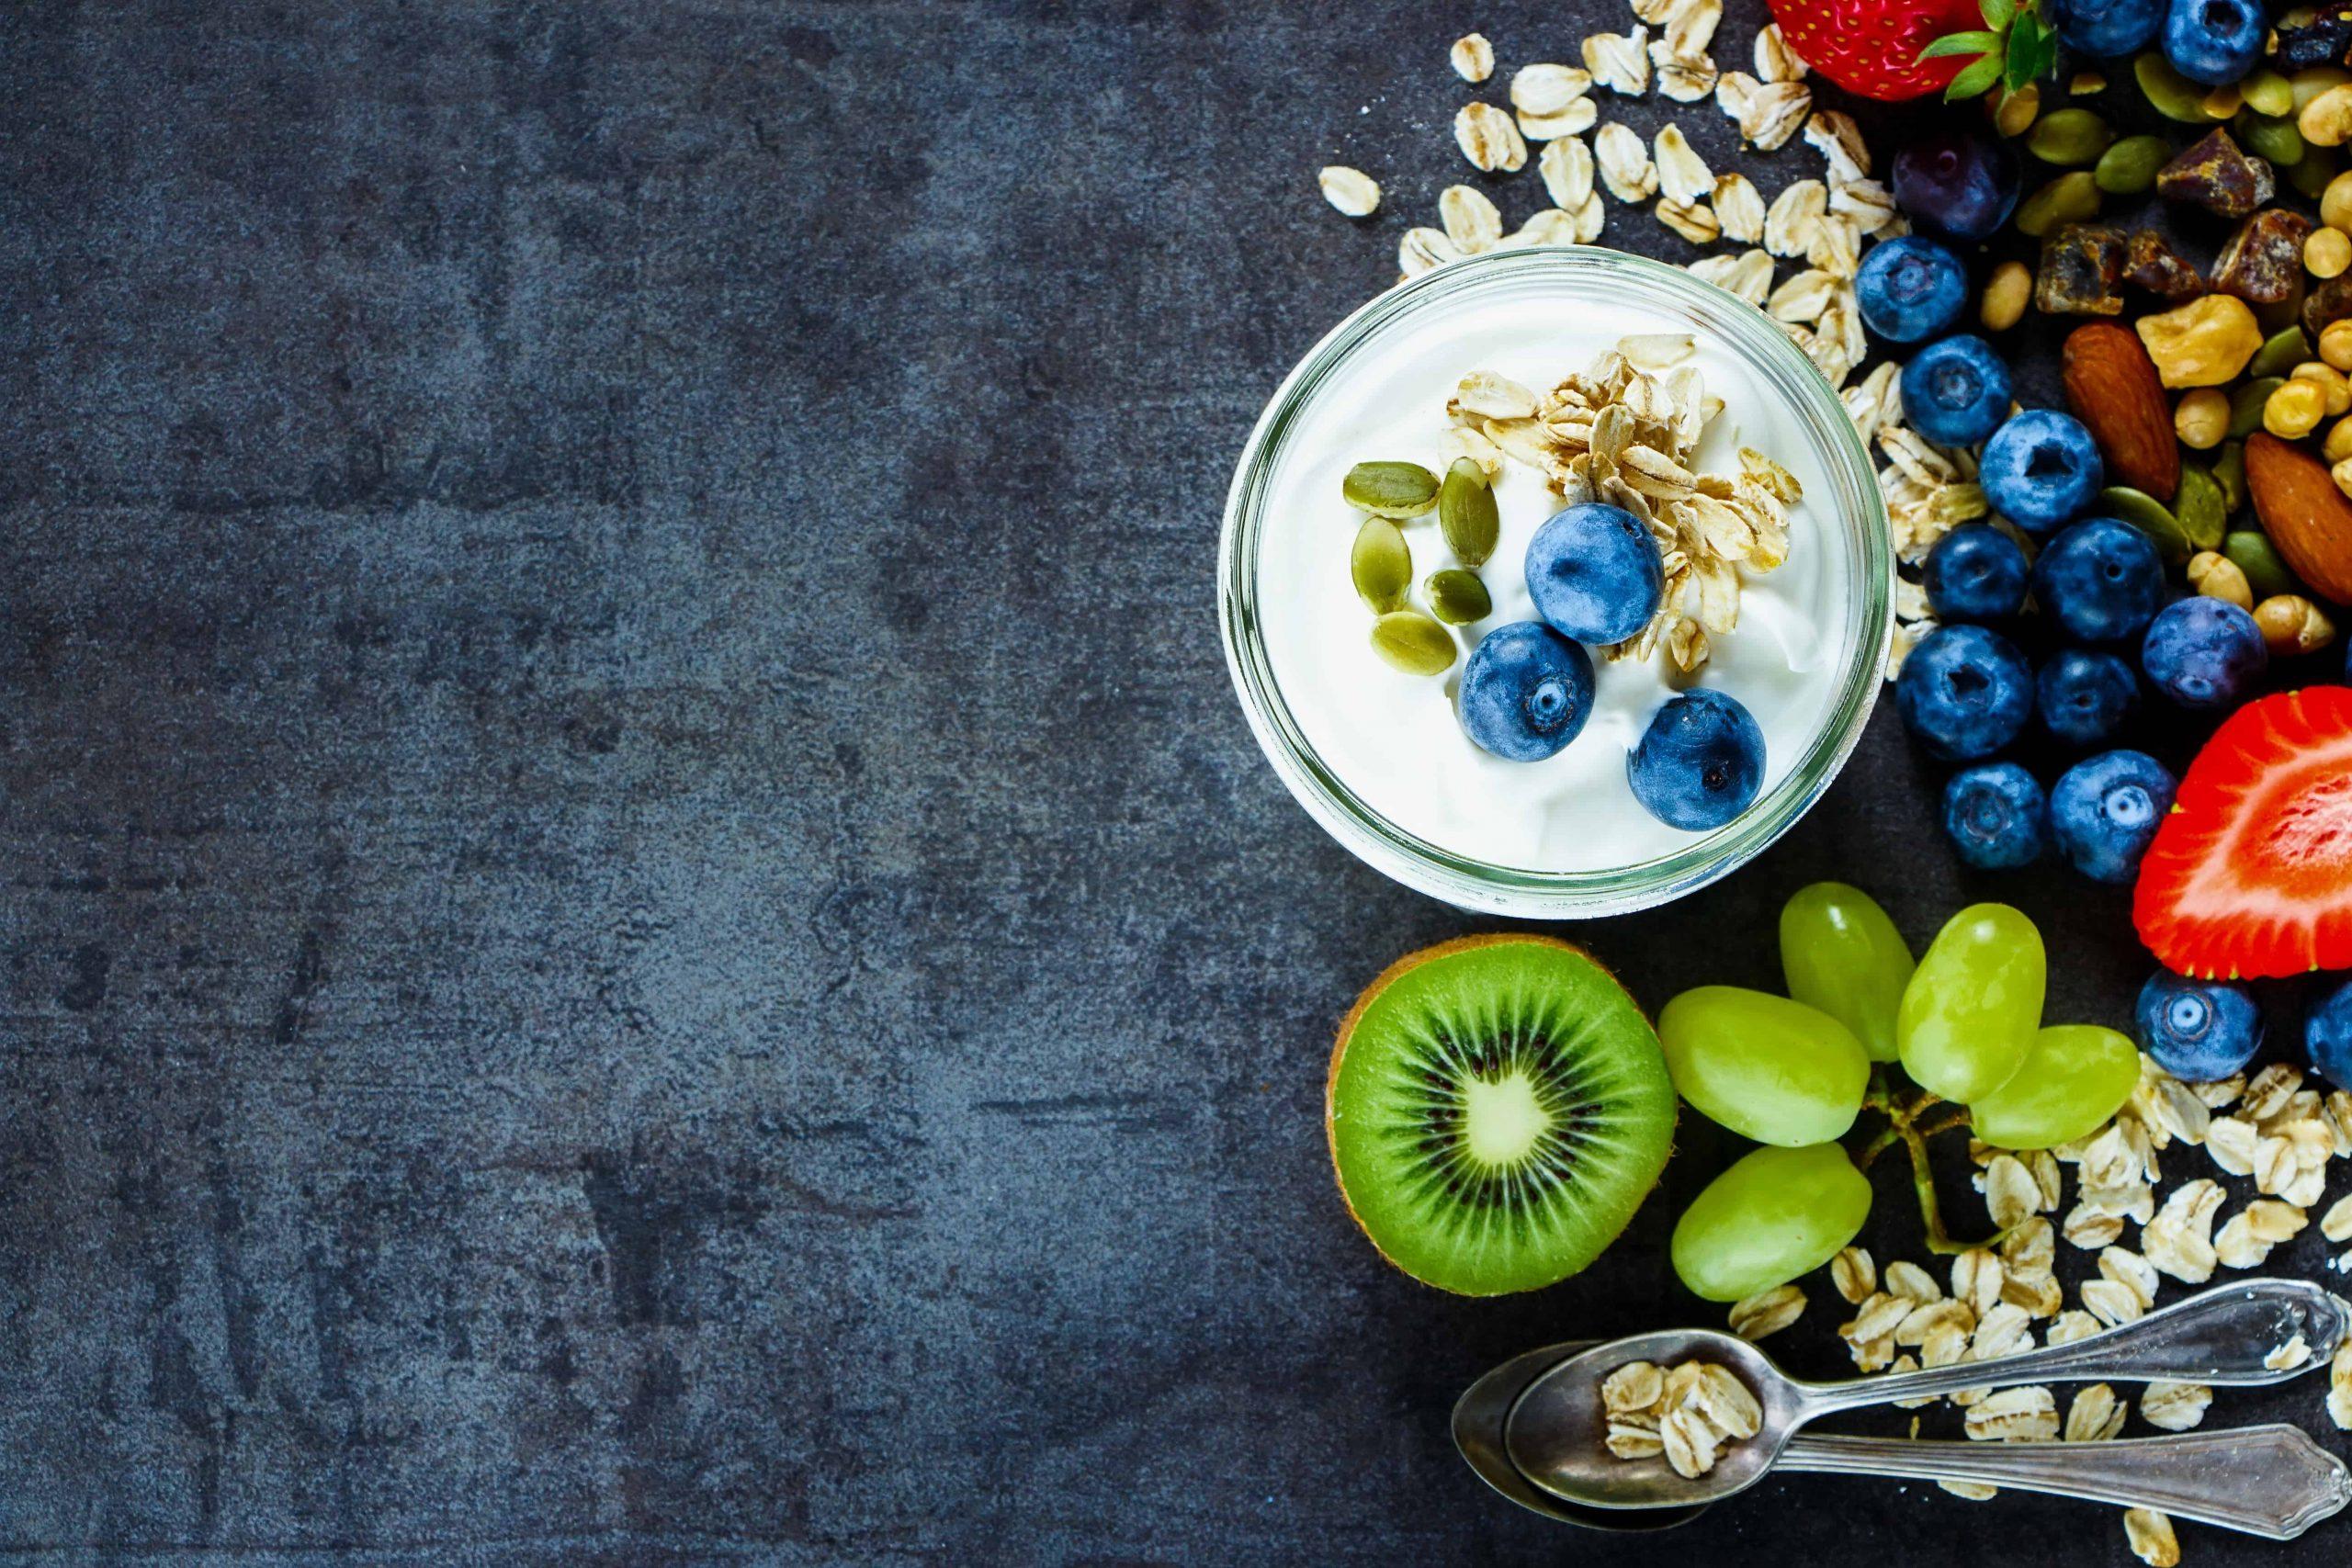 Schnelles Frühstück: Gesund in den Tag mit wenig Zeitaufwand